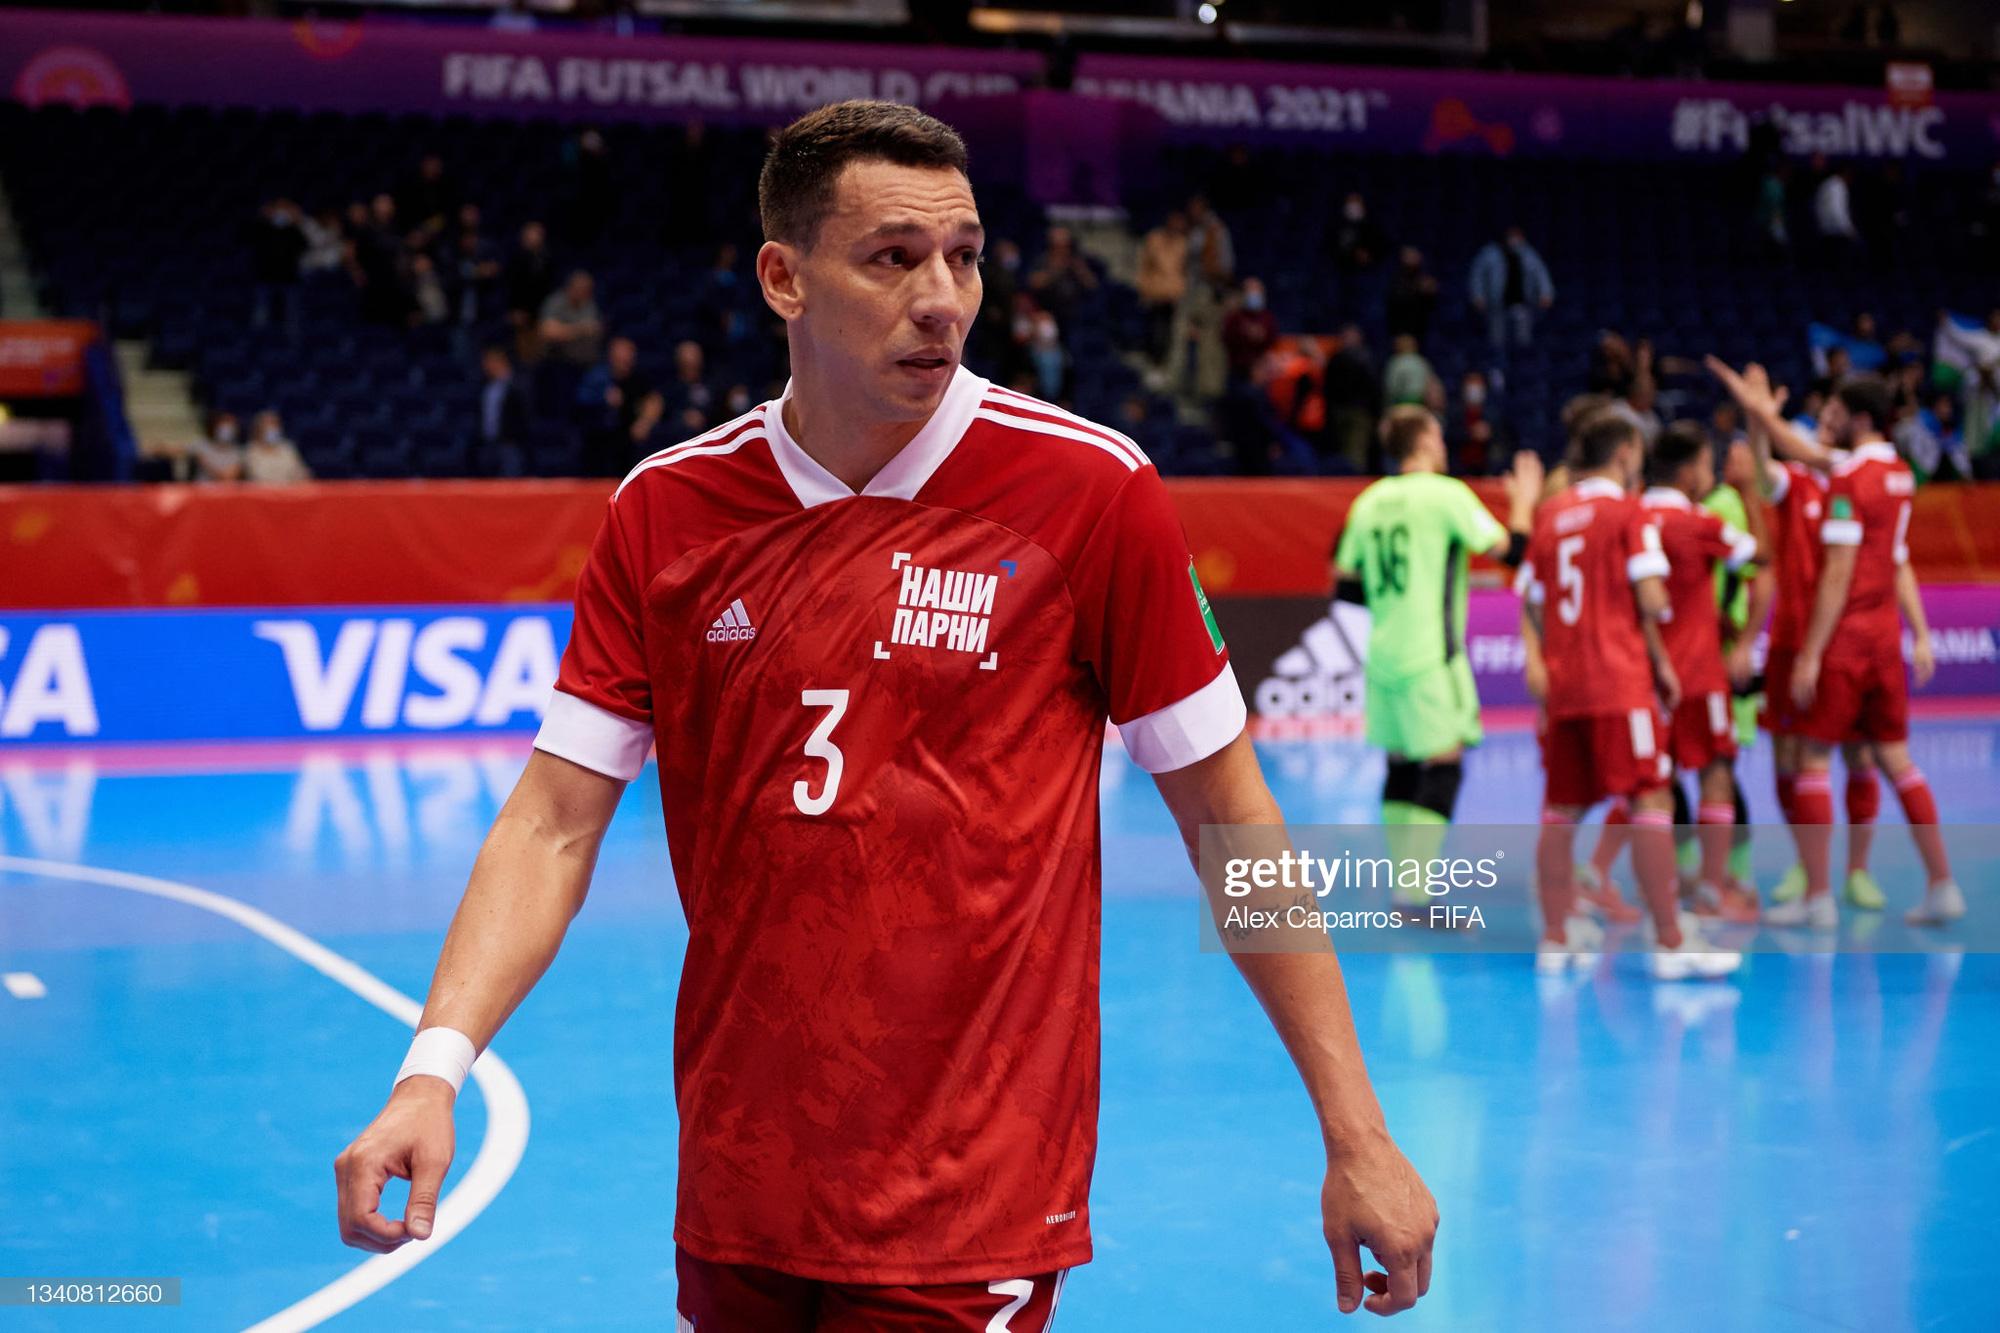 Đối thủ của tuyển futsal Việt Nam ở vòng 16 đội World Cup 2021: Quen mặt, nhưng vẫn quá mạnh - ảnh 3